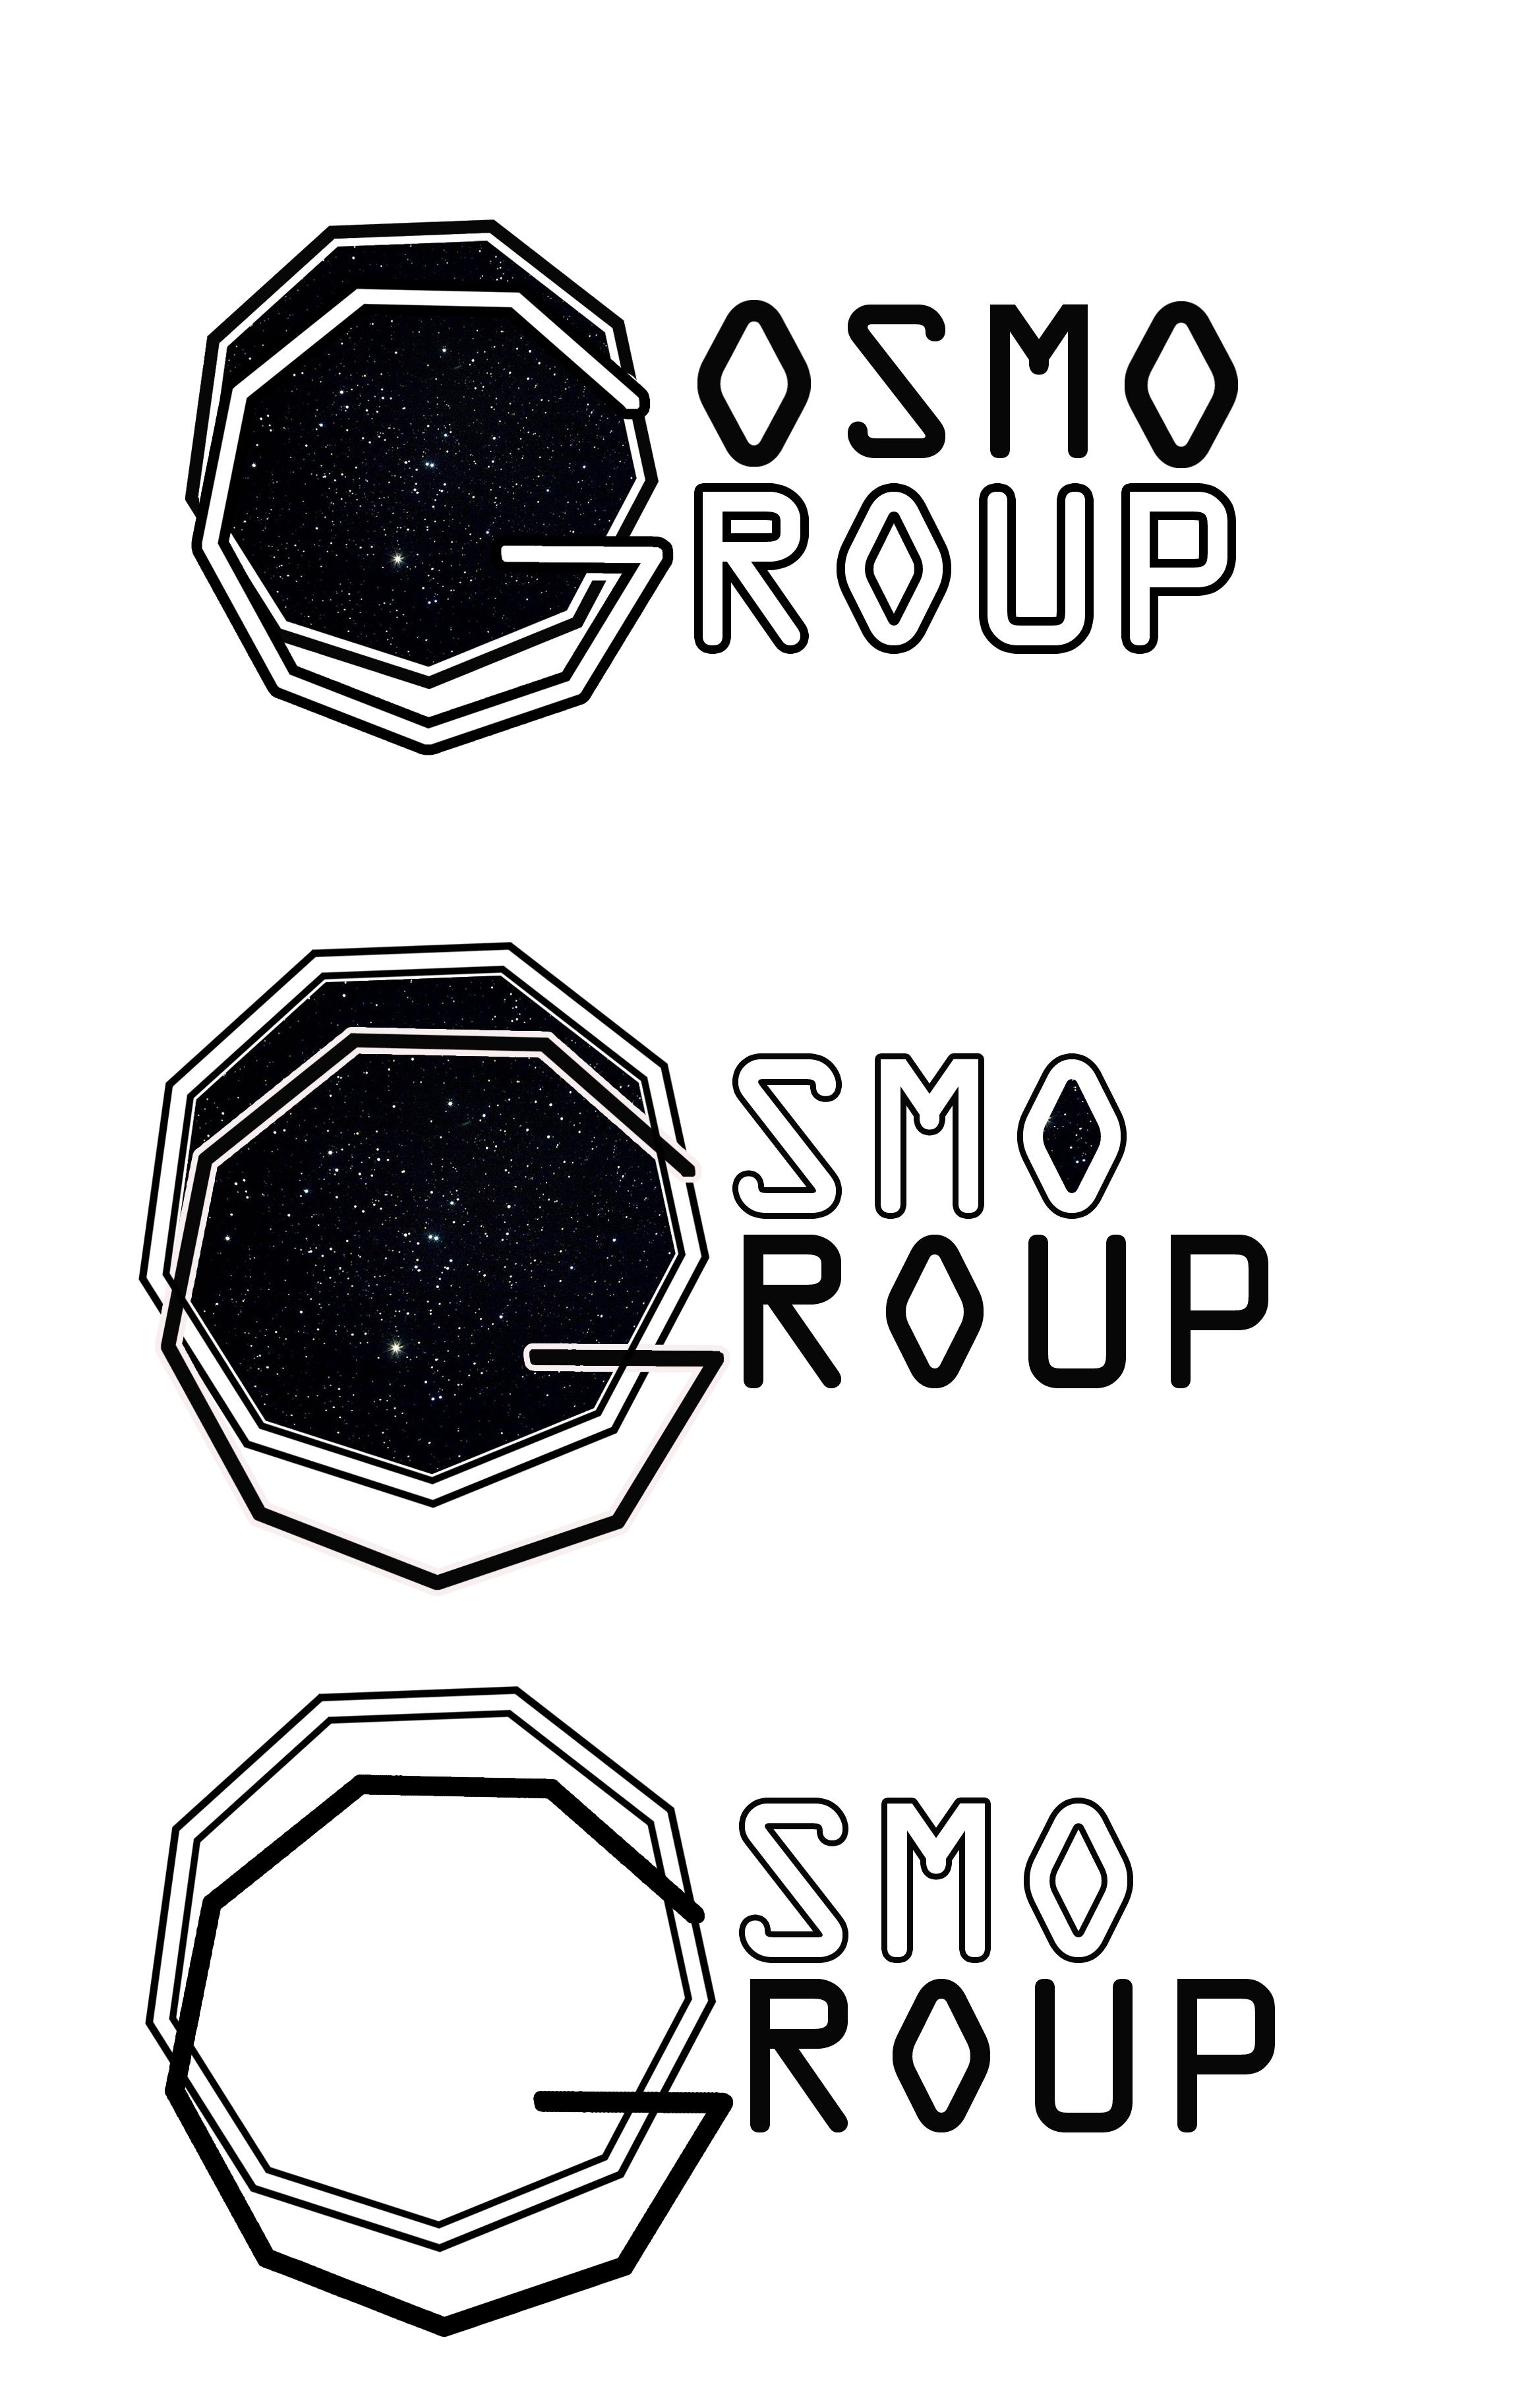 Создание логотипа для строительной компании OSMO group  фото f_19659b6bc3b0b565.jpg